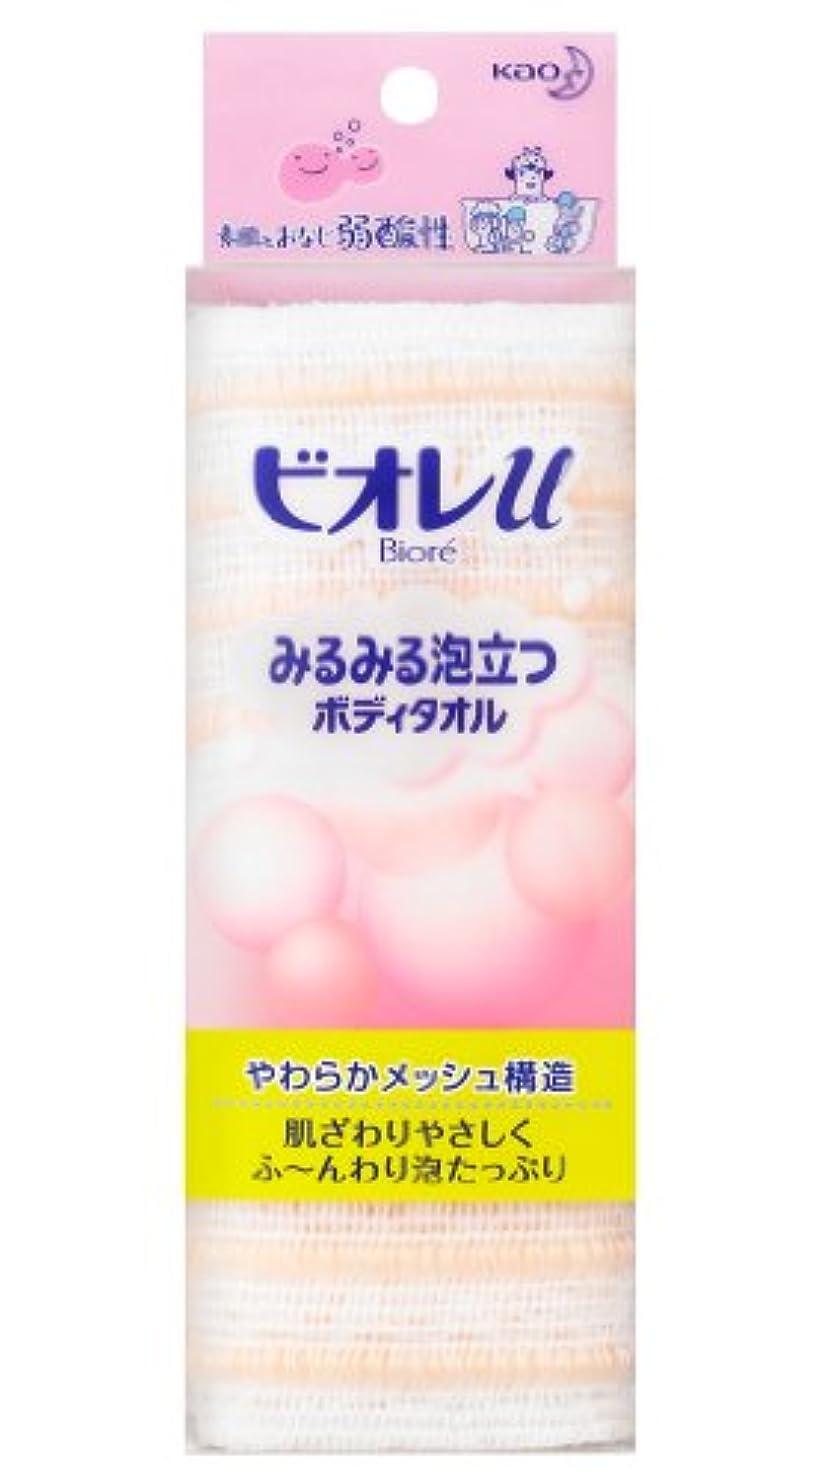 噴水褒賞ガロンビオレu みるみる泡立つボディタオル ピンク 1枚